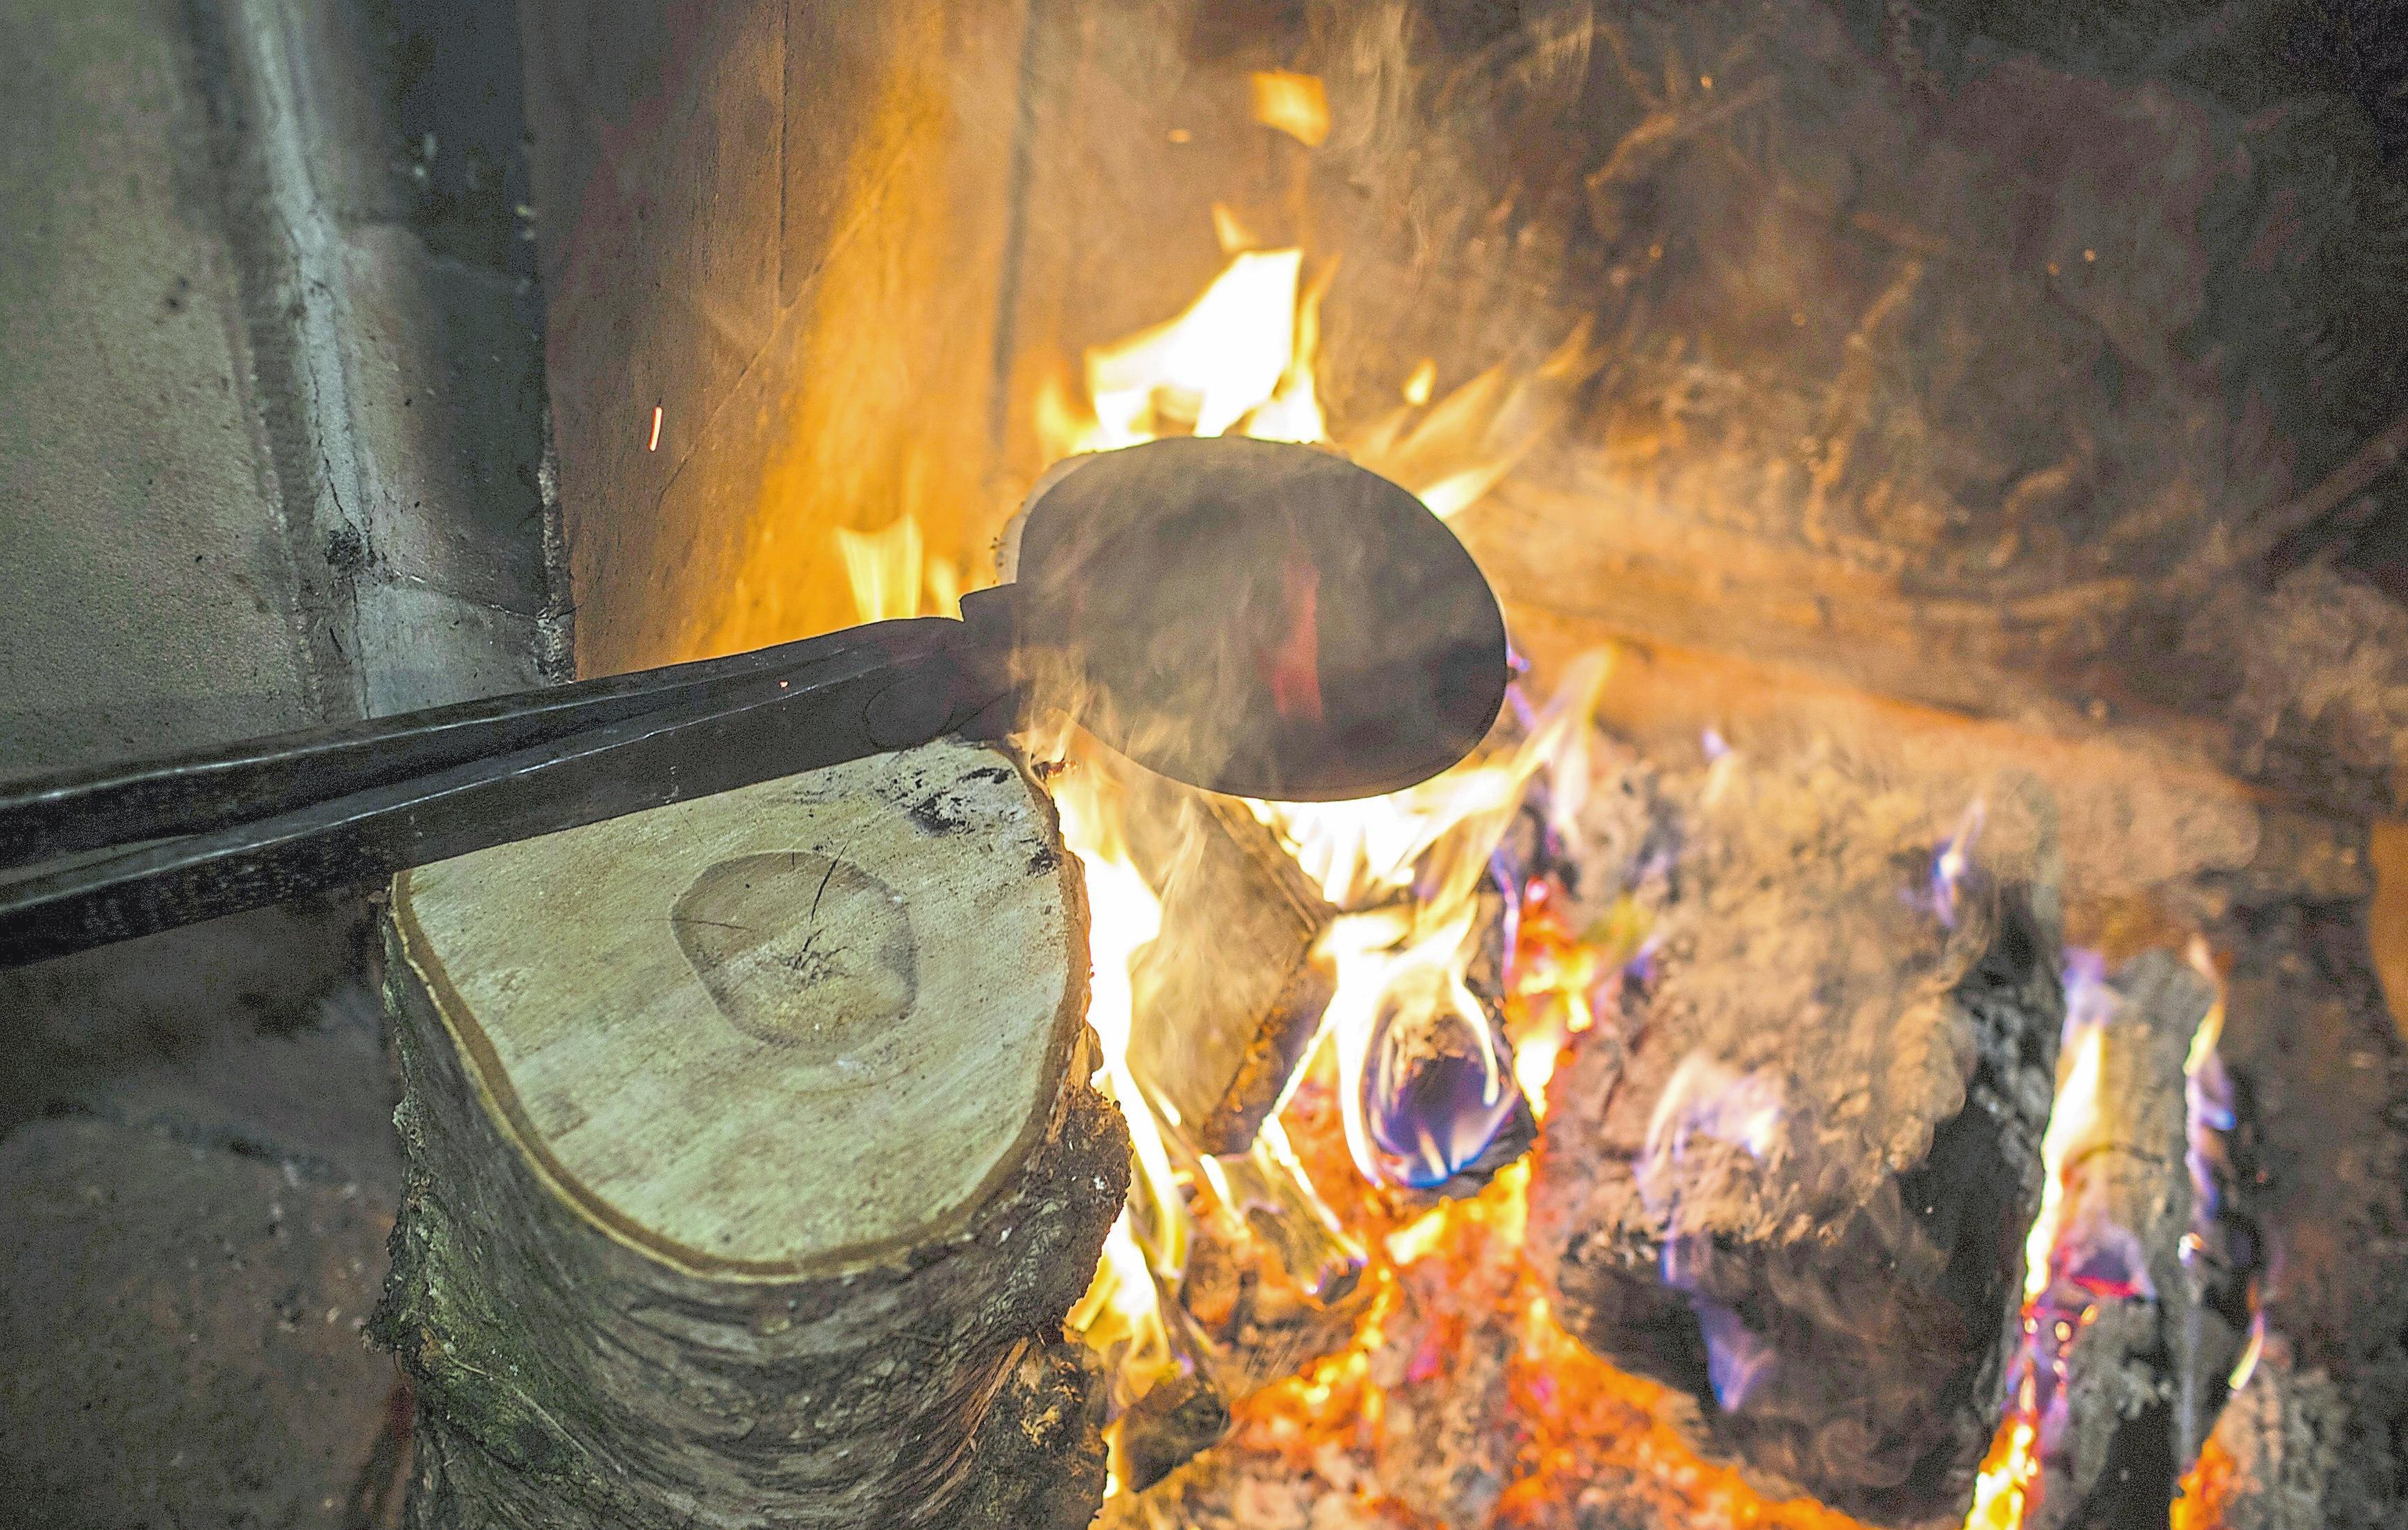 Der Duft von frisch gebackenen Piepkuchen zieht wieder von Freitag bis Sonntag anlässlich des Nikolausmartktes durch die historsiche Innenstadt von Burgsteinfurt. Foto: Wilfried Gerharz